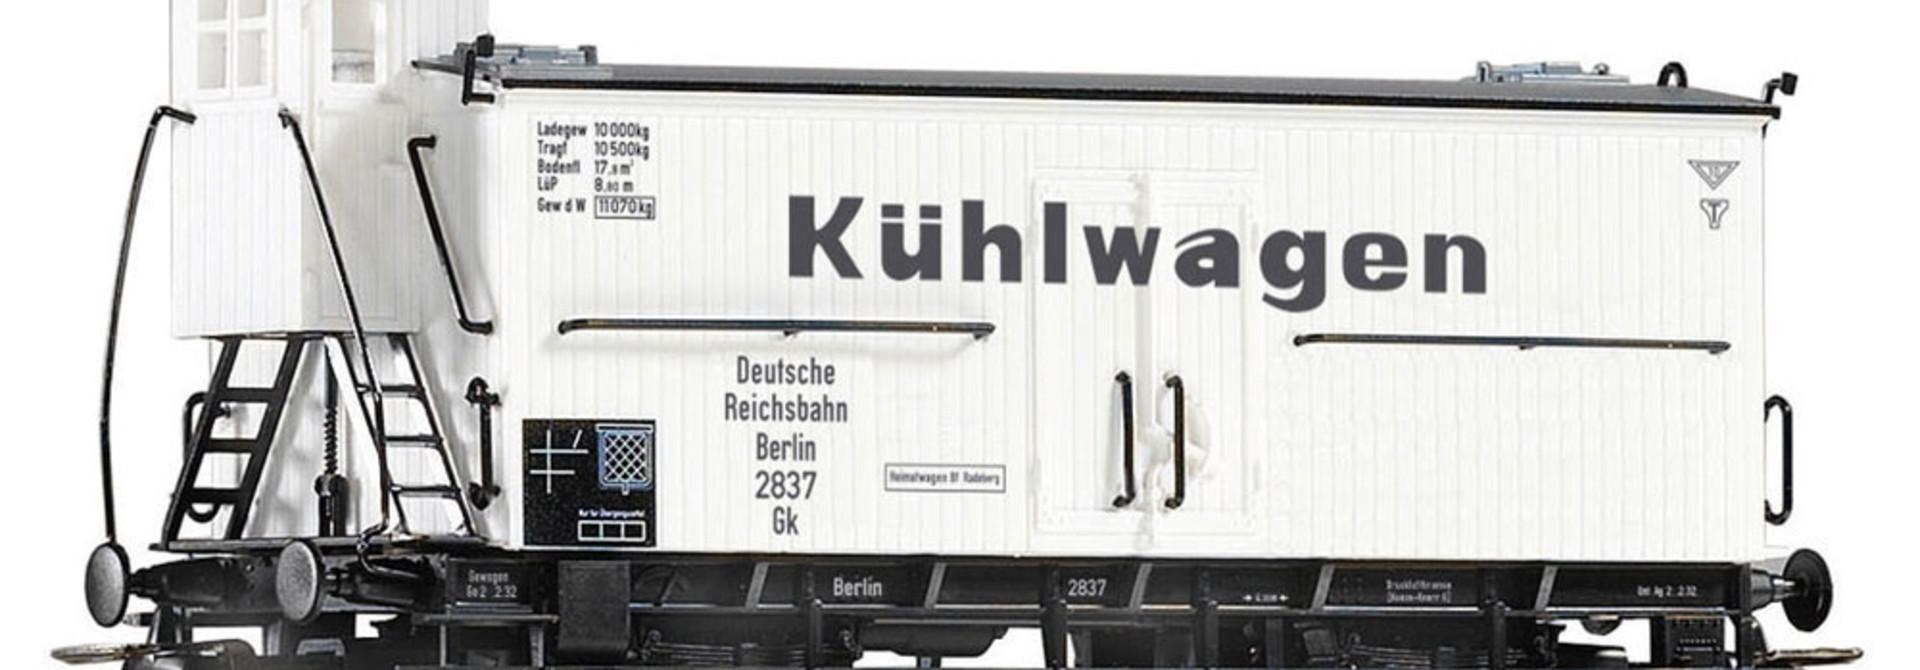 54719 Kühlwagen Gk, DRG.